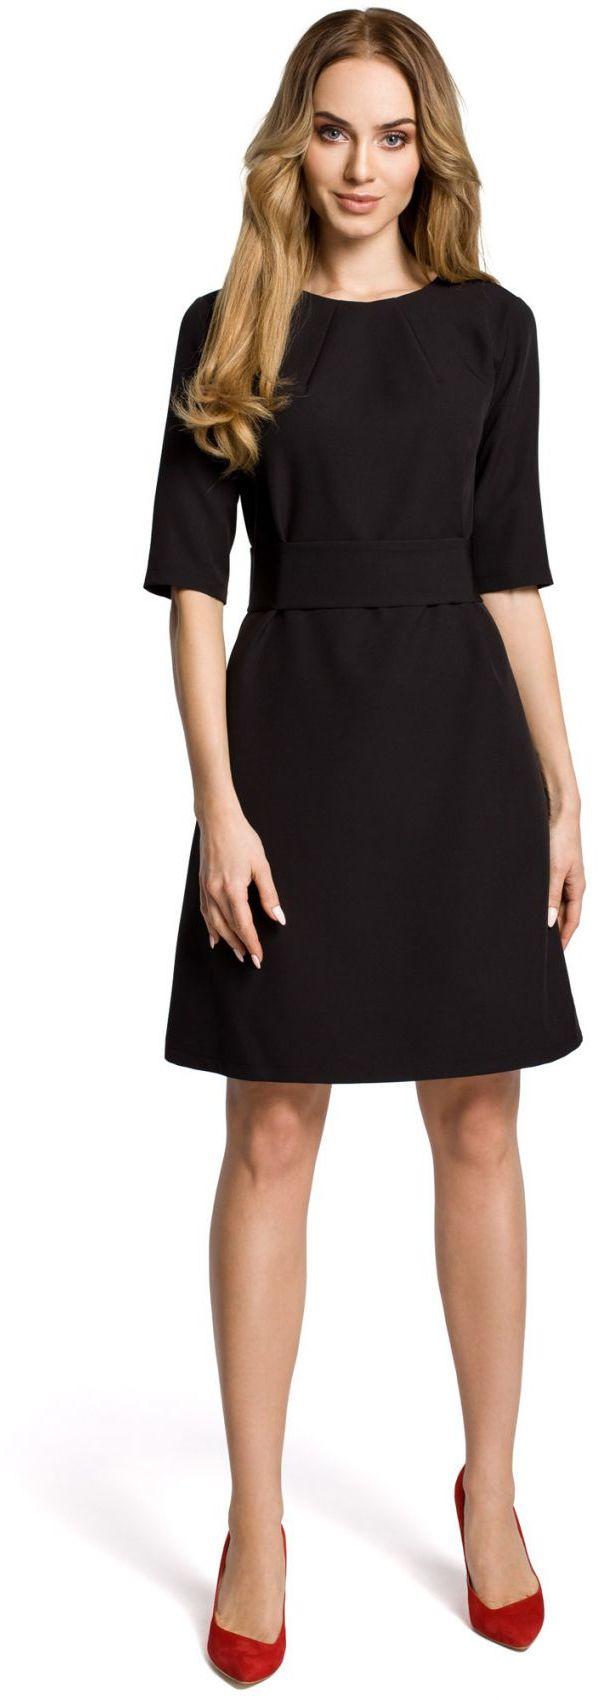 M362 sukienka czarna